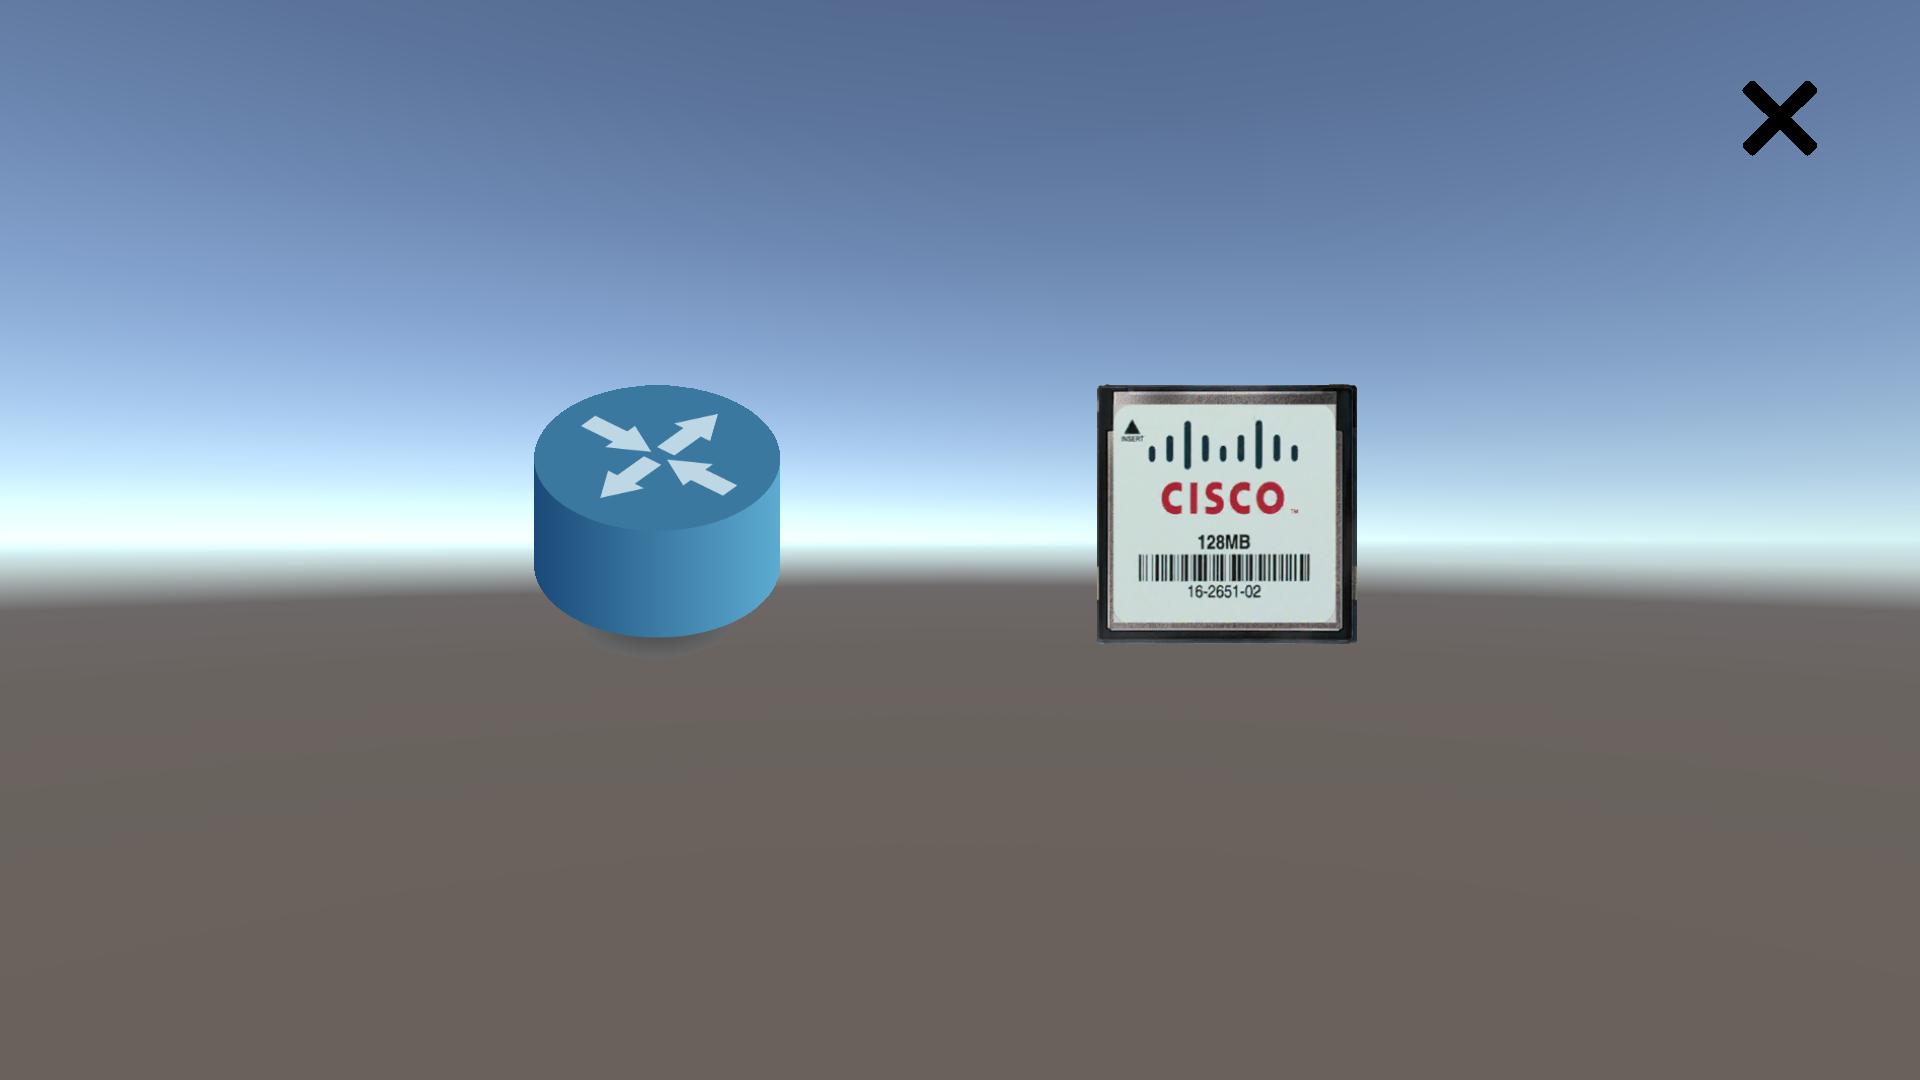 RouterAR aplicación AR con Unity y Vuforia